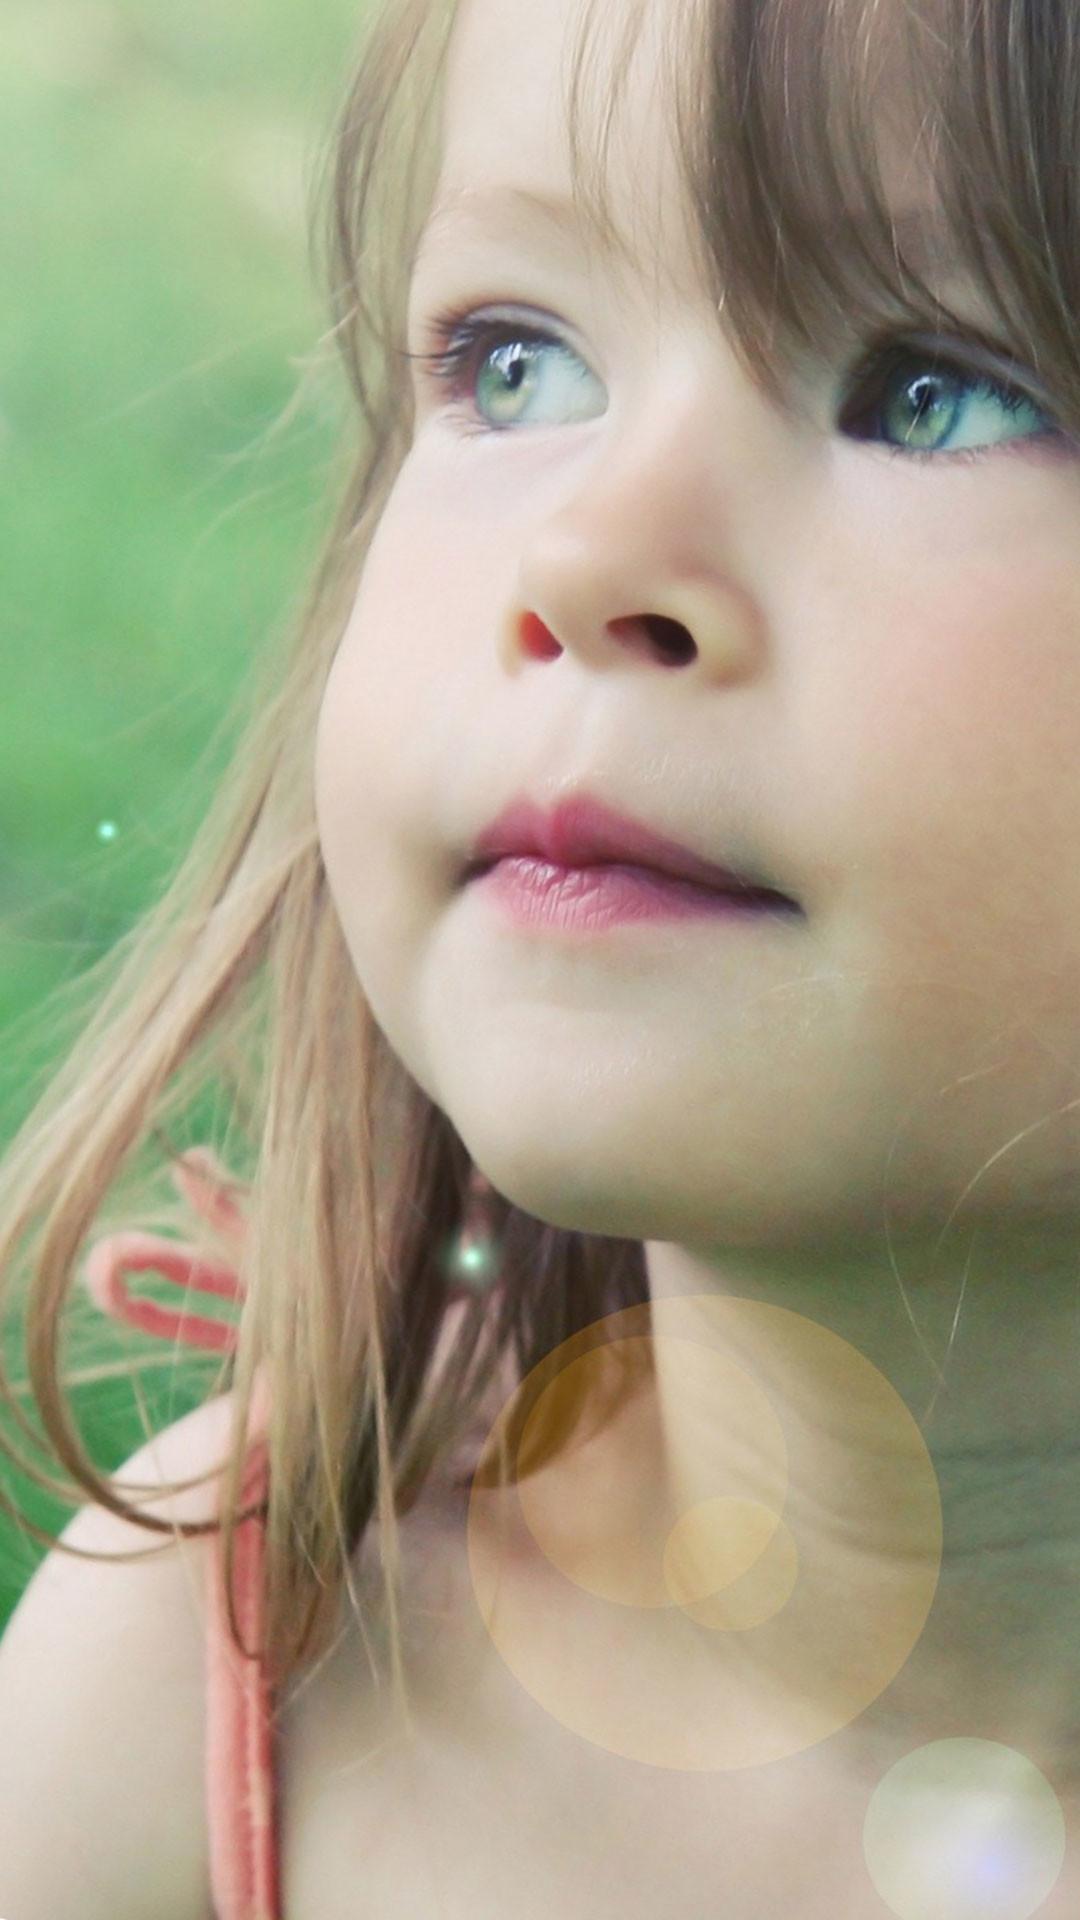 Cute Little Girls Wallpaper For Iphone 6